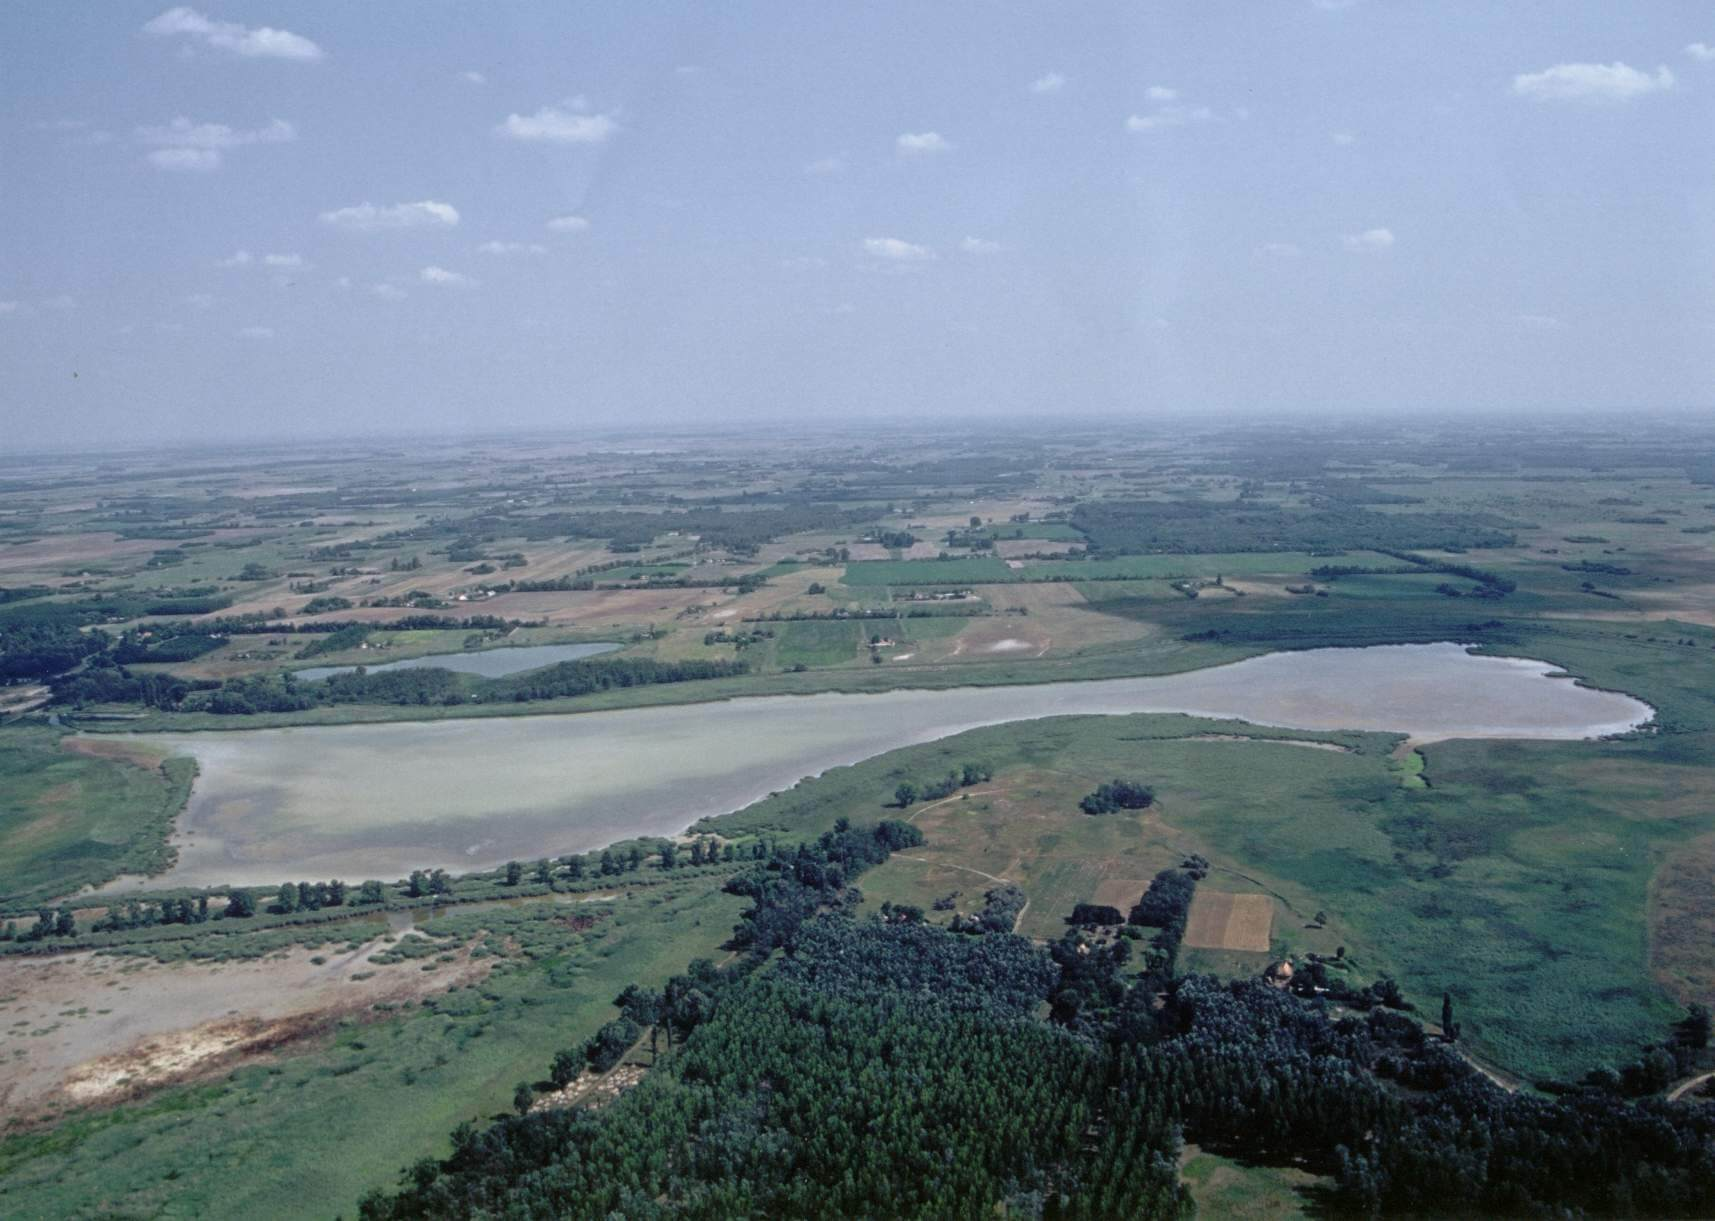 Madárparadicsom és látványos kirándulóhely jön létre a Kiskunsági Nemzeti Parkban